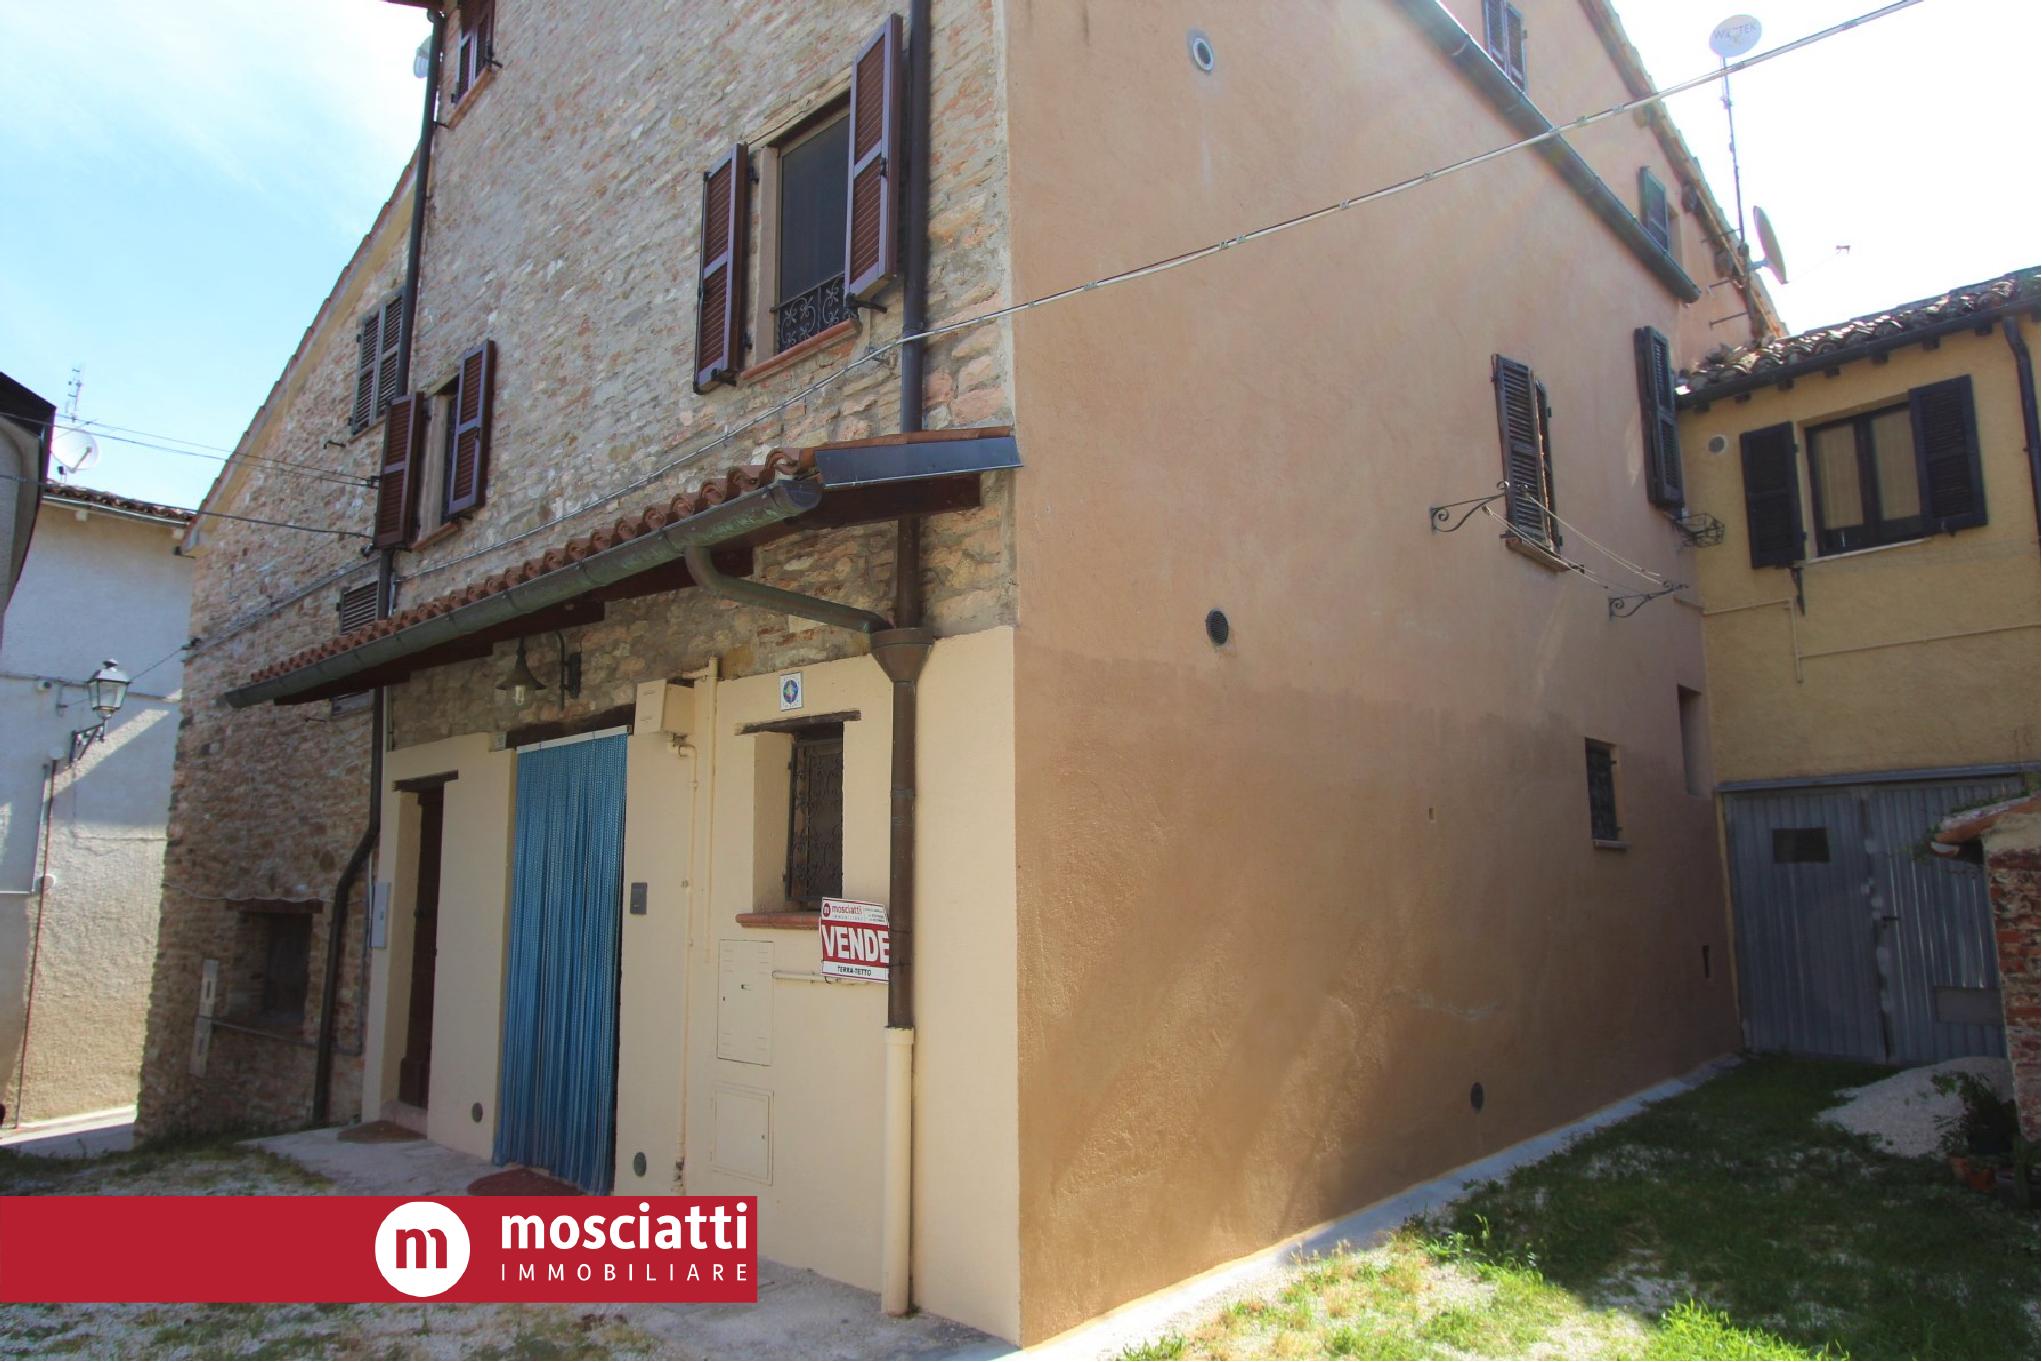 MATELICA, Frazione Piane vendesi ABITAZIONE terra-tetto completamente ristrutturata cod - 1